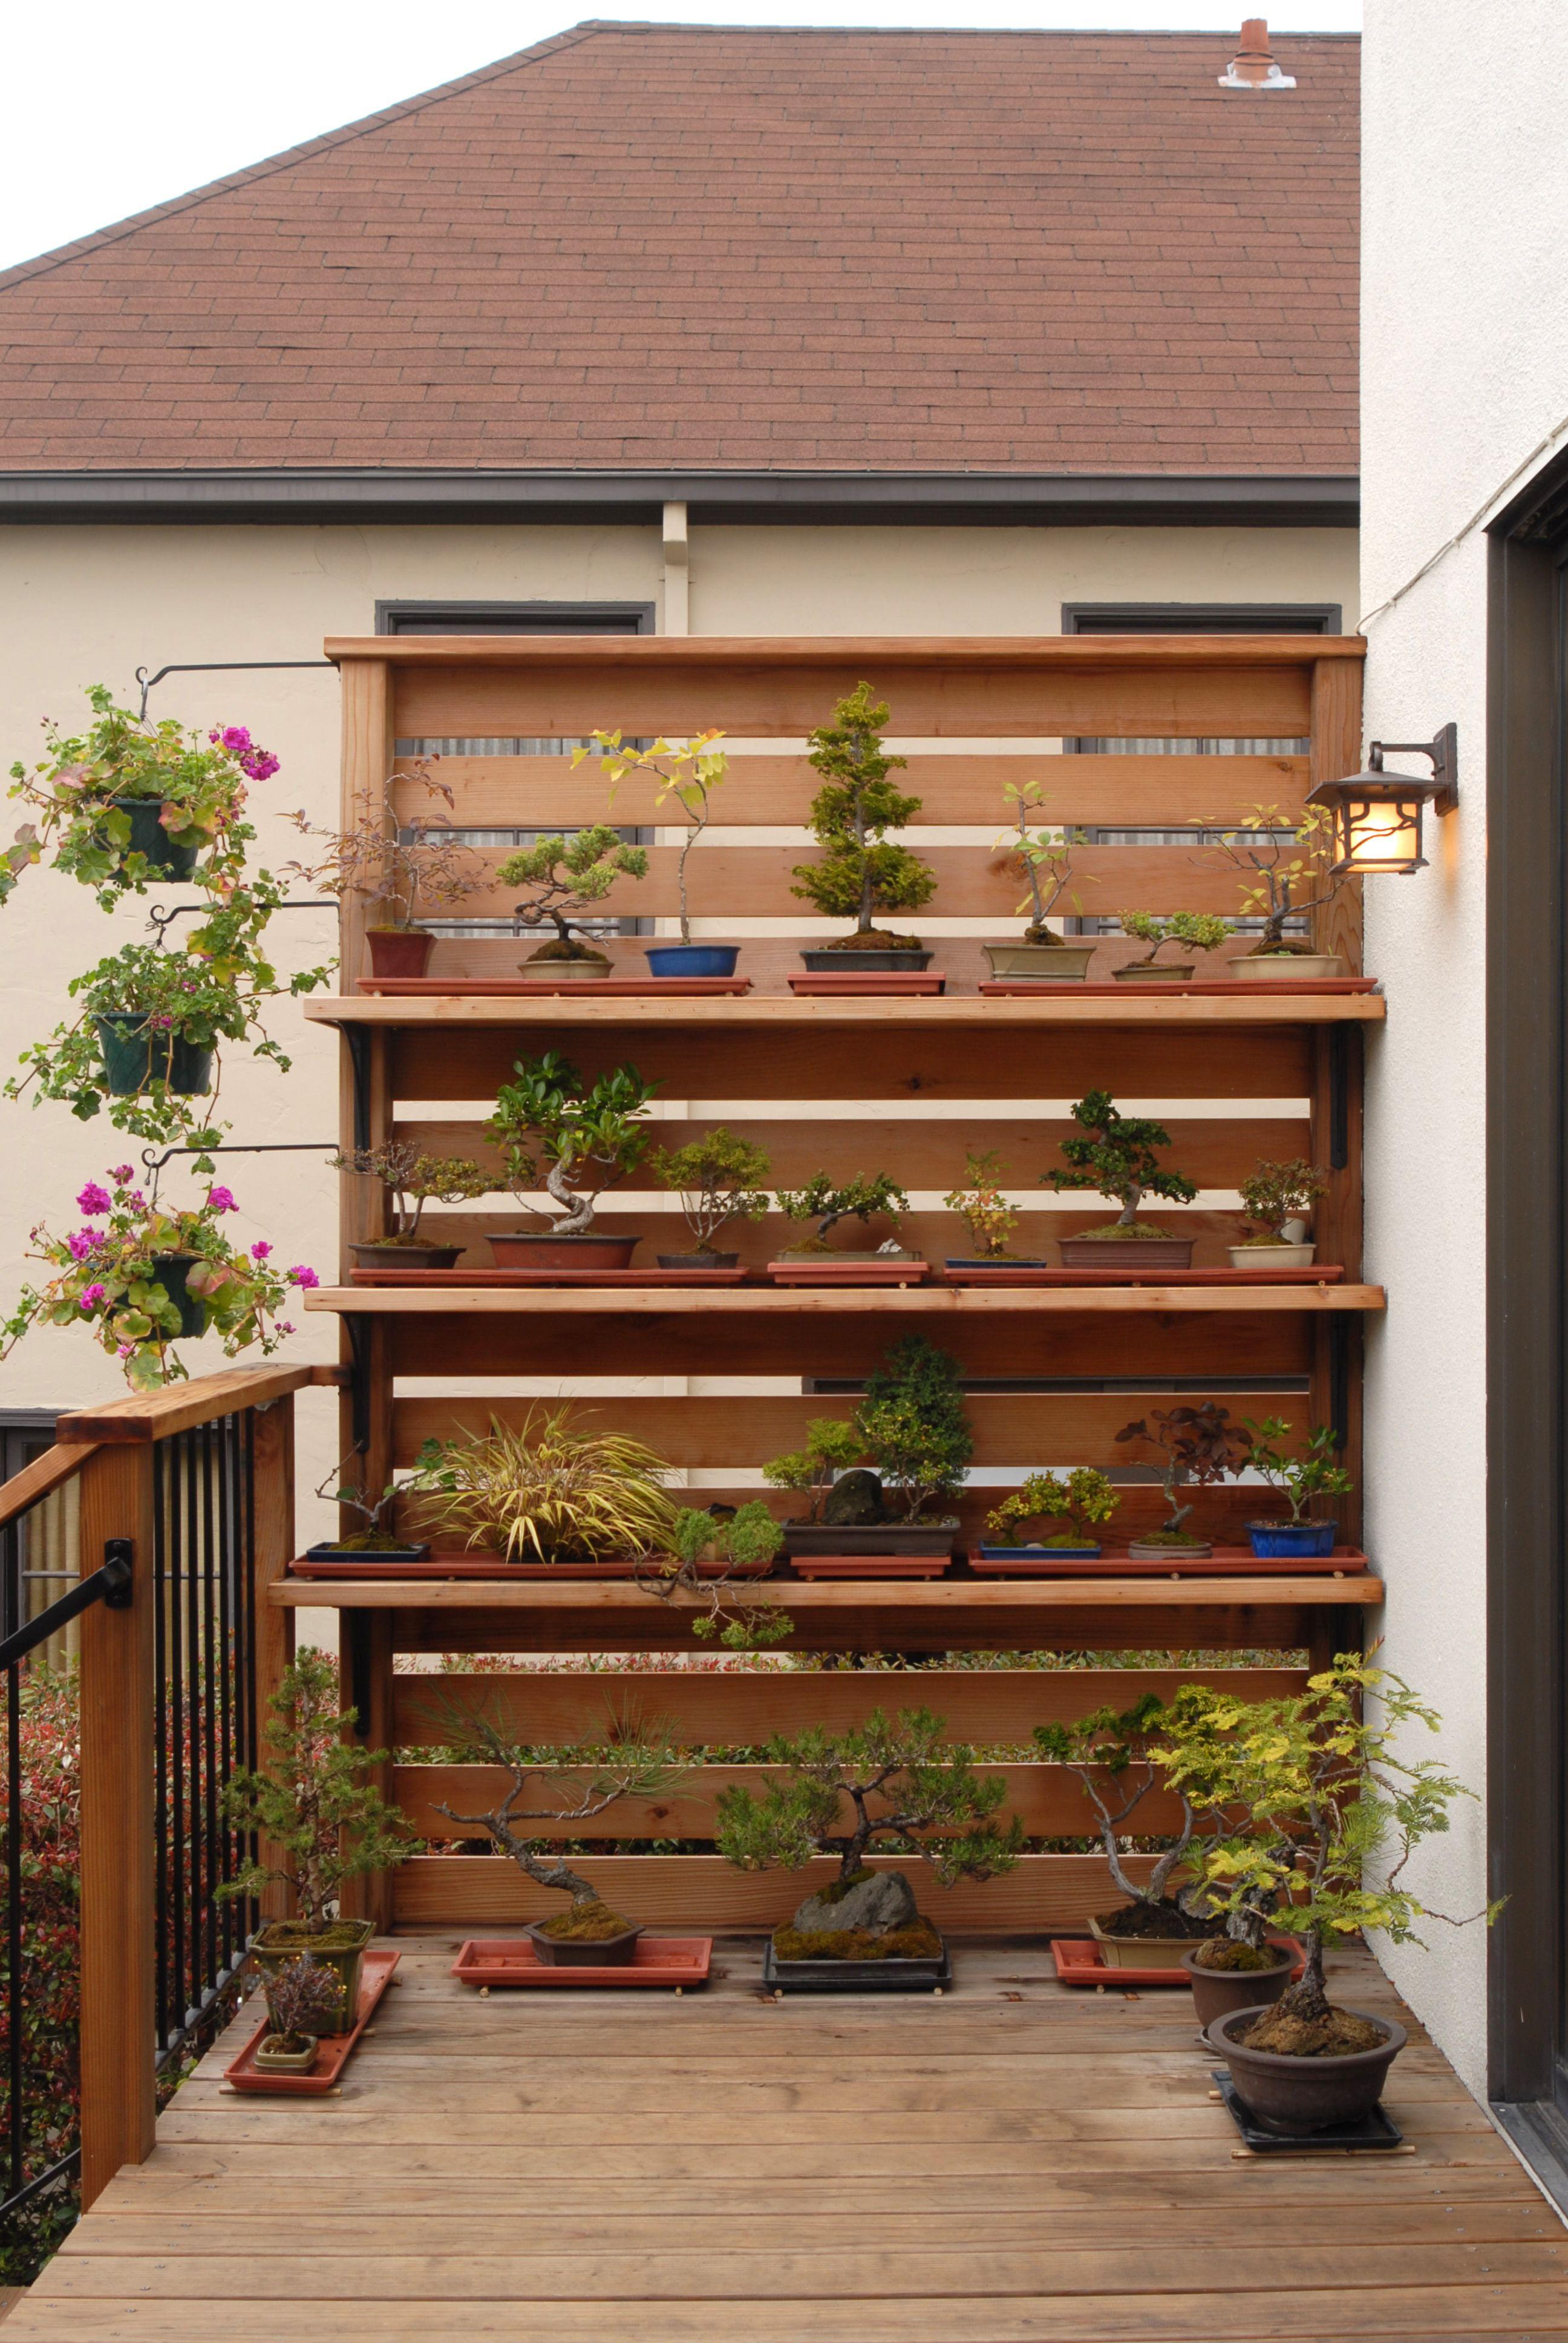 Bonsai By Canyon Design Build Oakland Ca Jardinagem Jardinagem